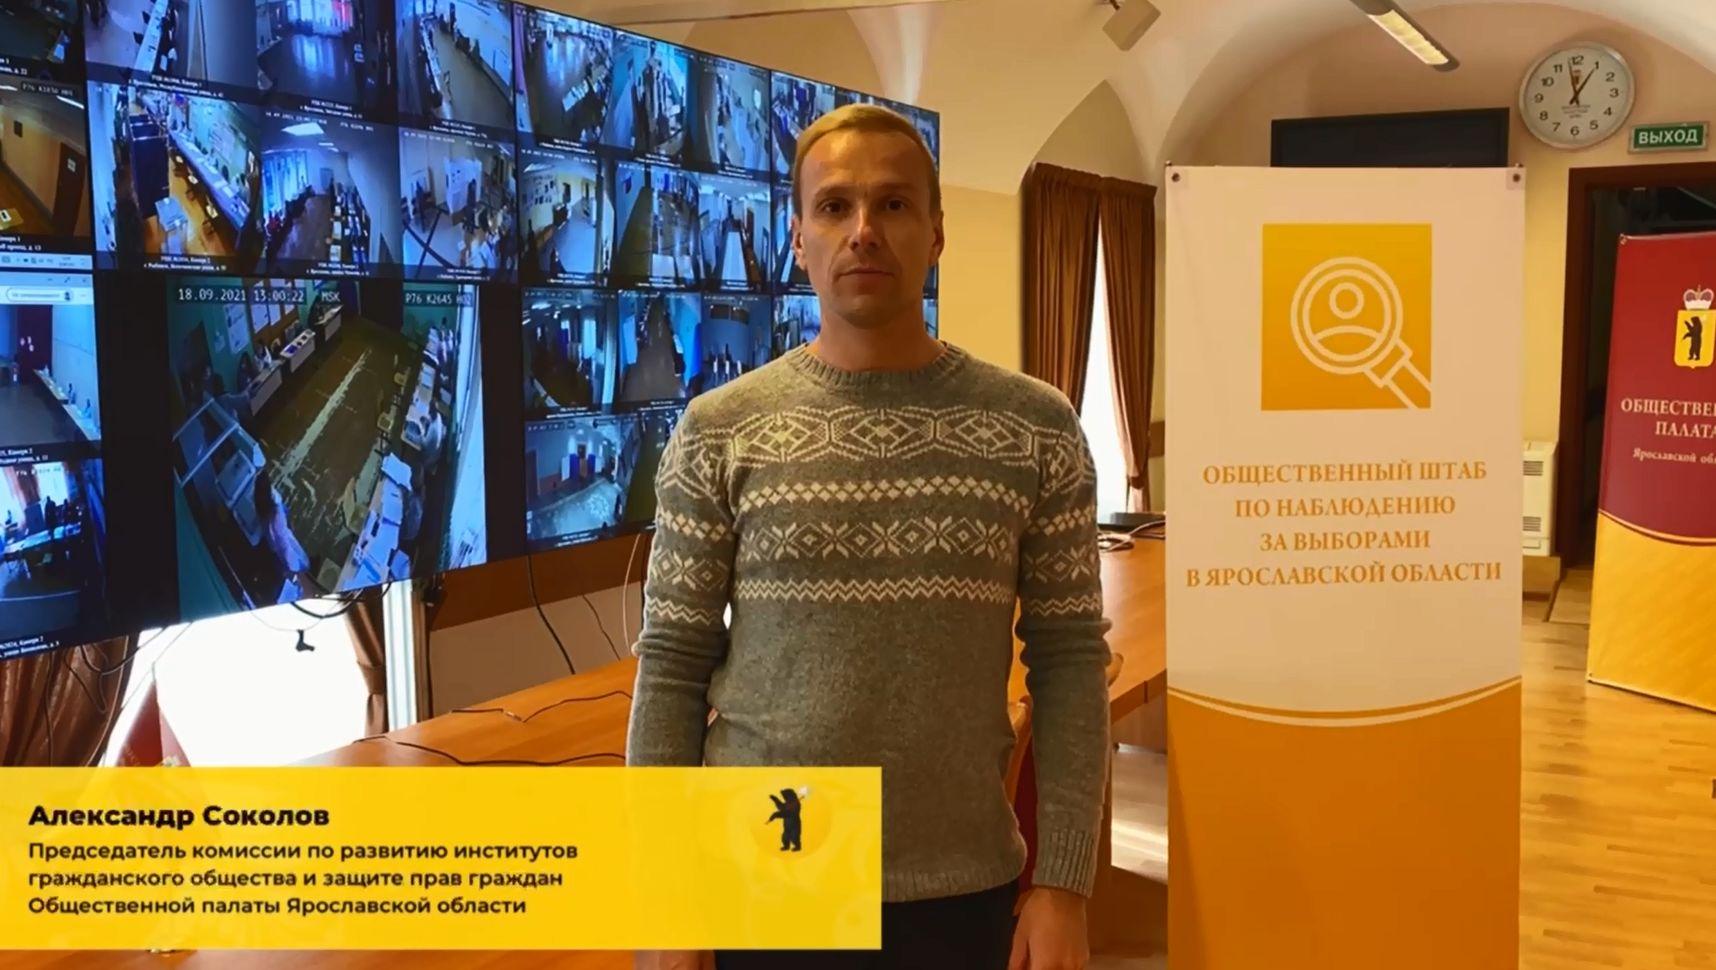 Председатель комиссии по развитию гражданского общества Общественной палаты Александр Соколов рассказал о преимуществах дистанционного электронного голосования